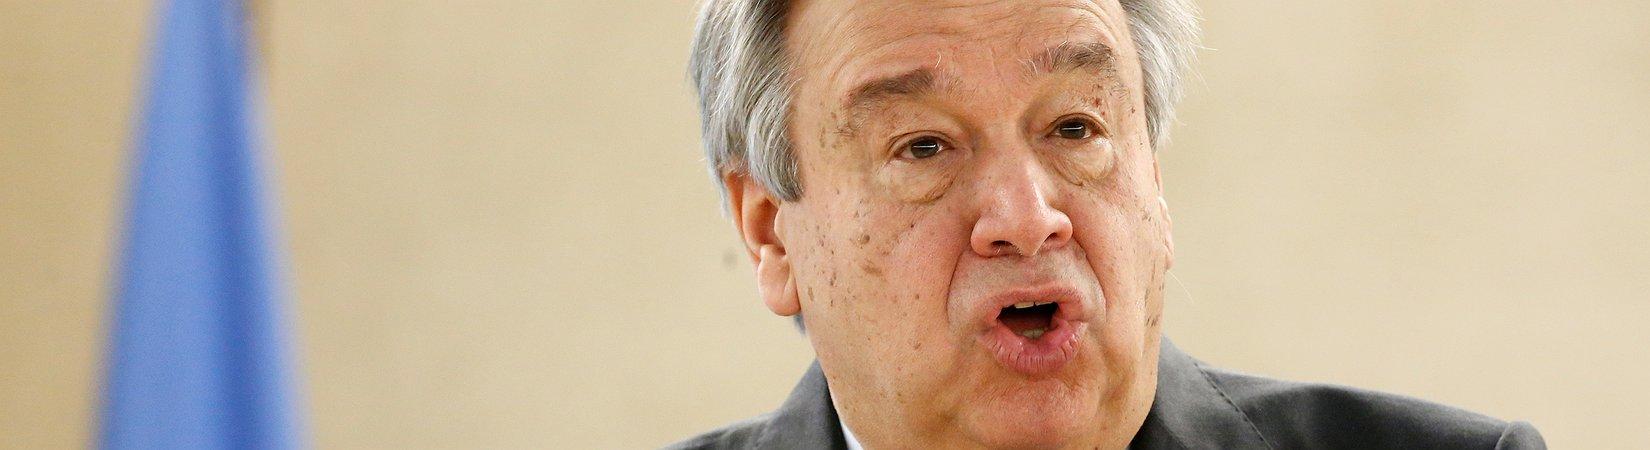 """António Guterres afirma ser """"absolutamente essencial"""" que acordo de Paris seja cumprido"""